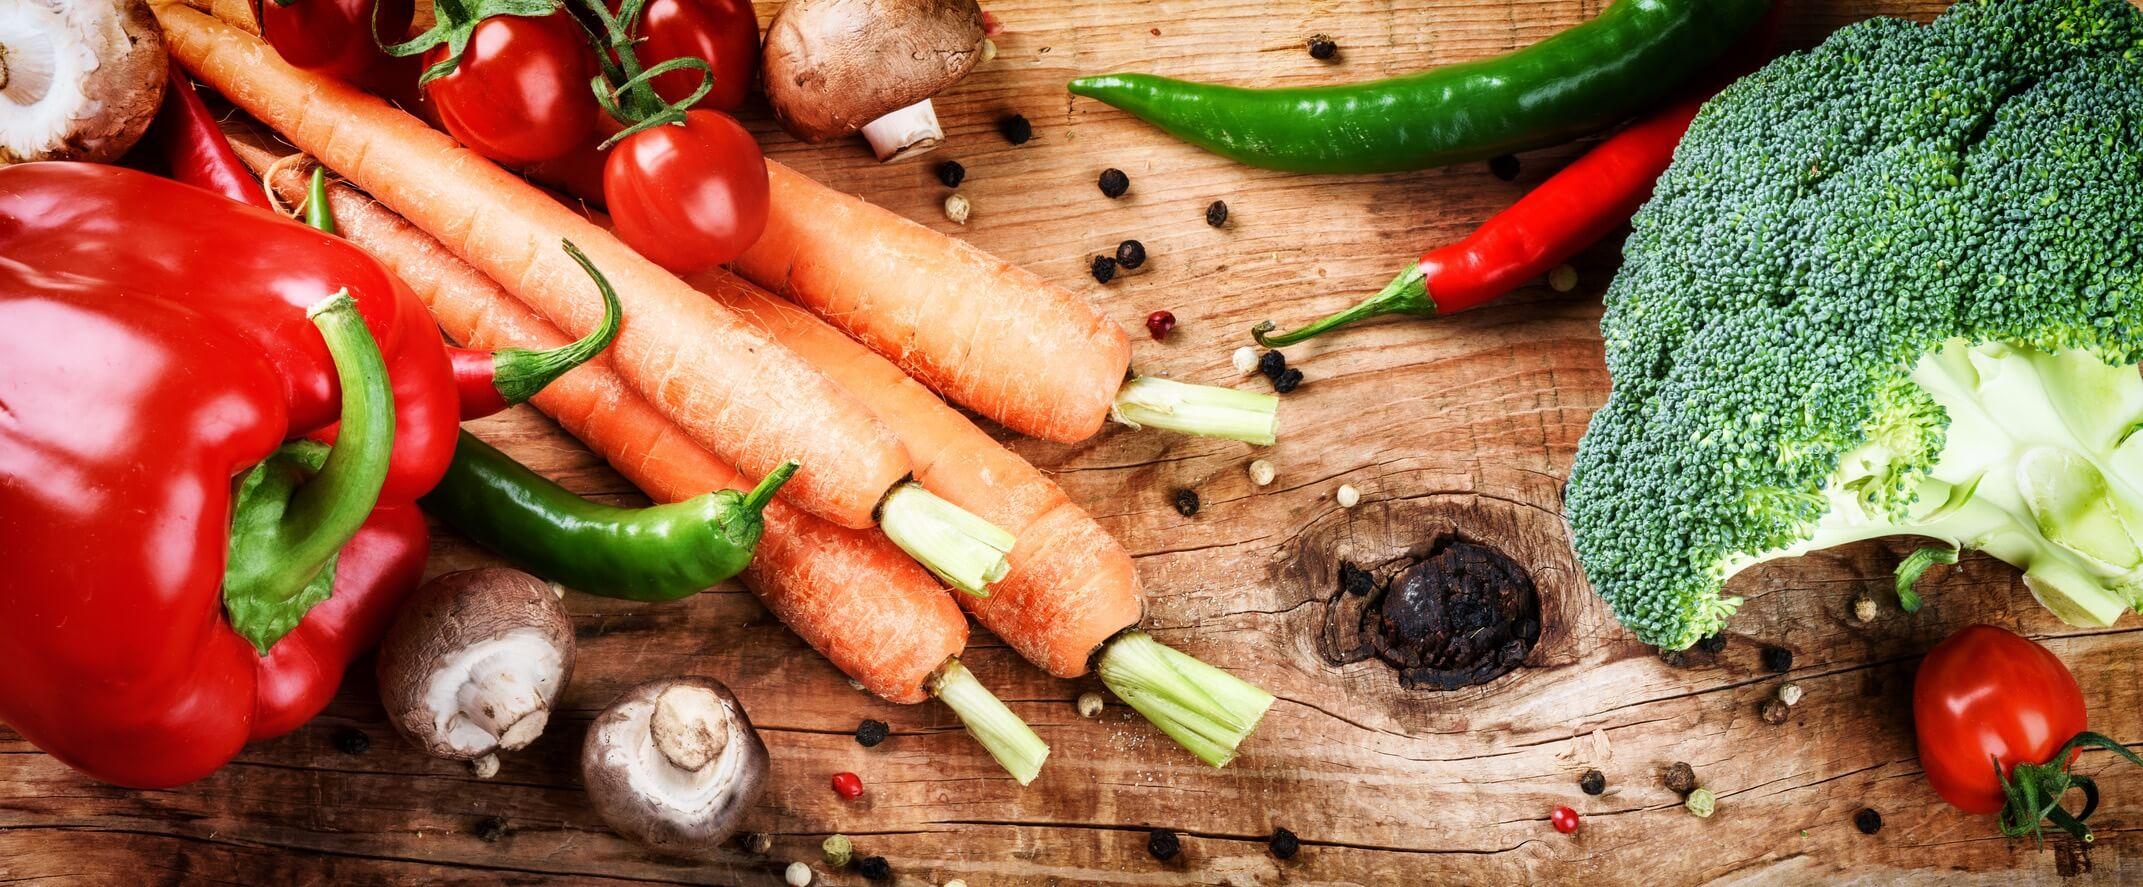 frisches Gemüse auf dem Tisch